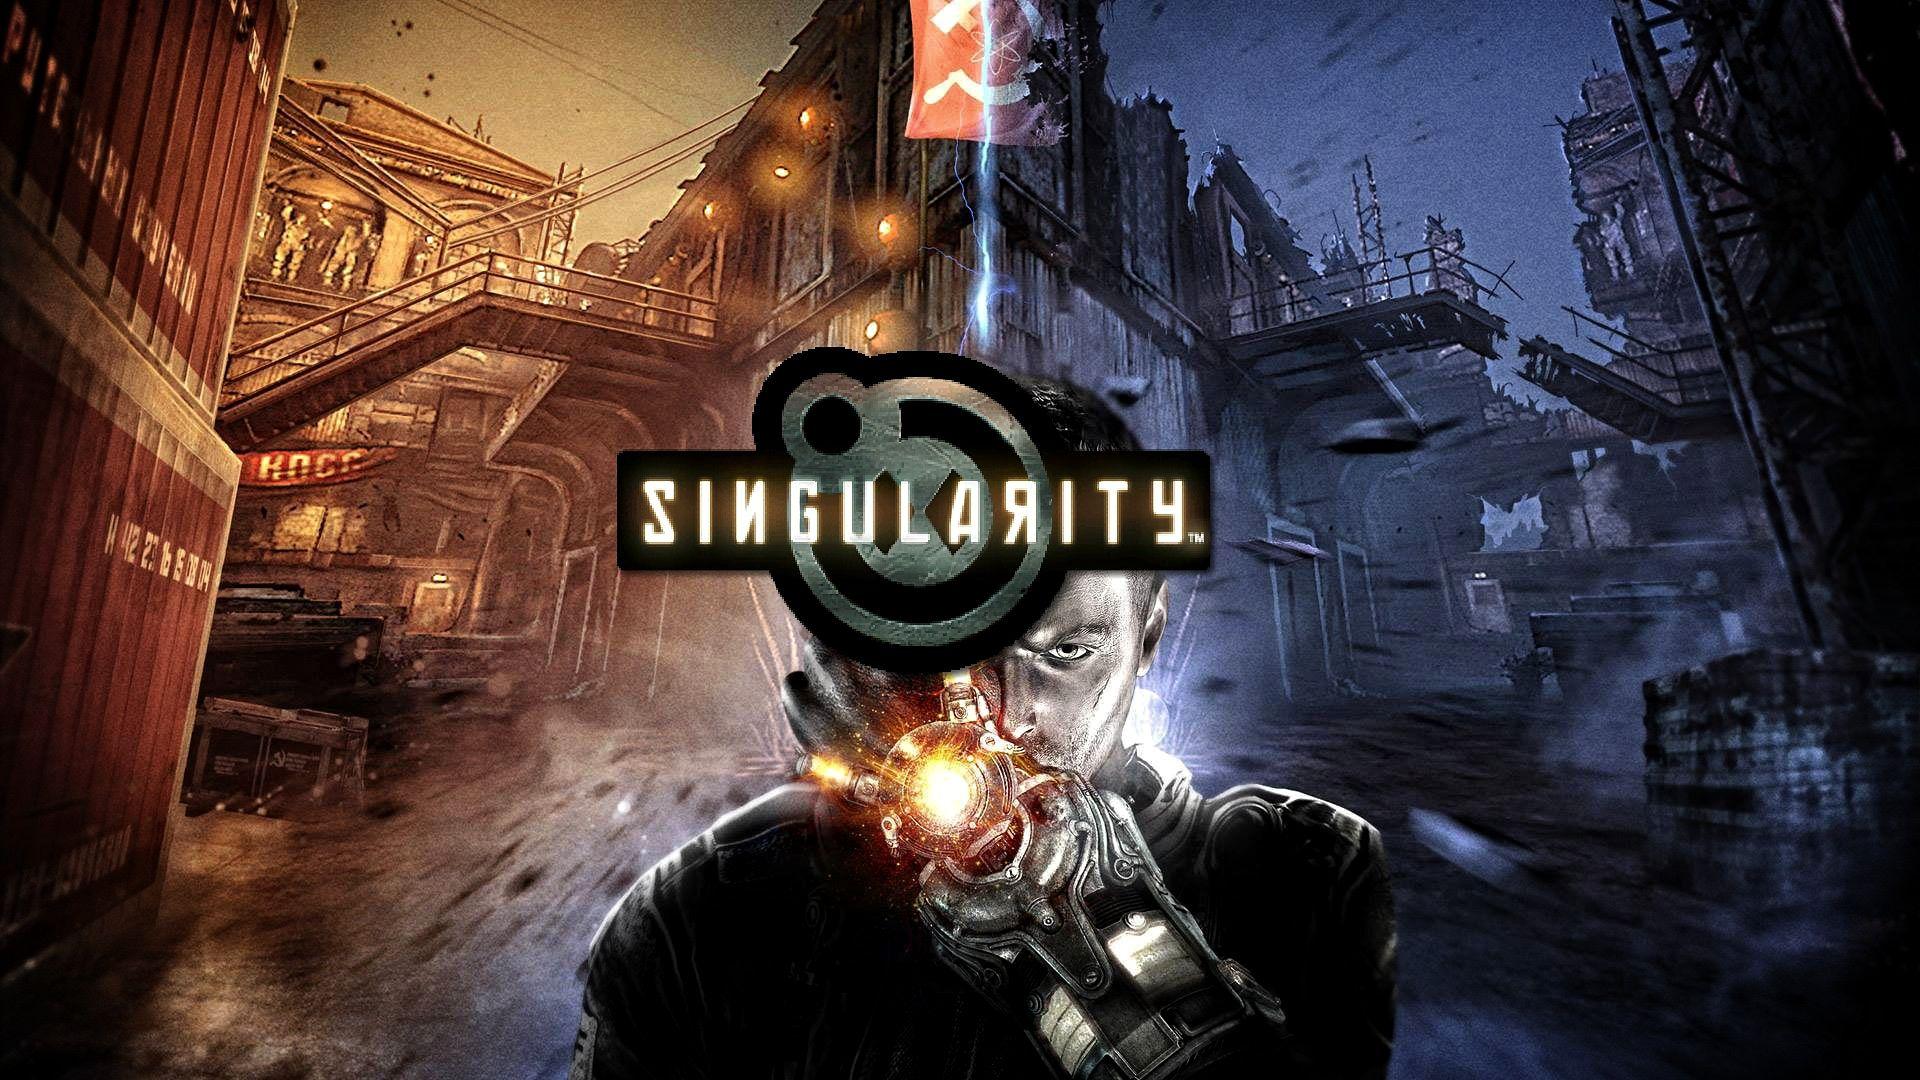 Singularity inceleme